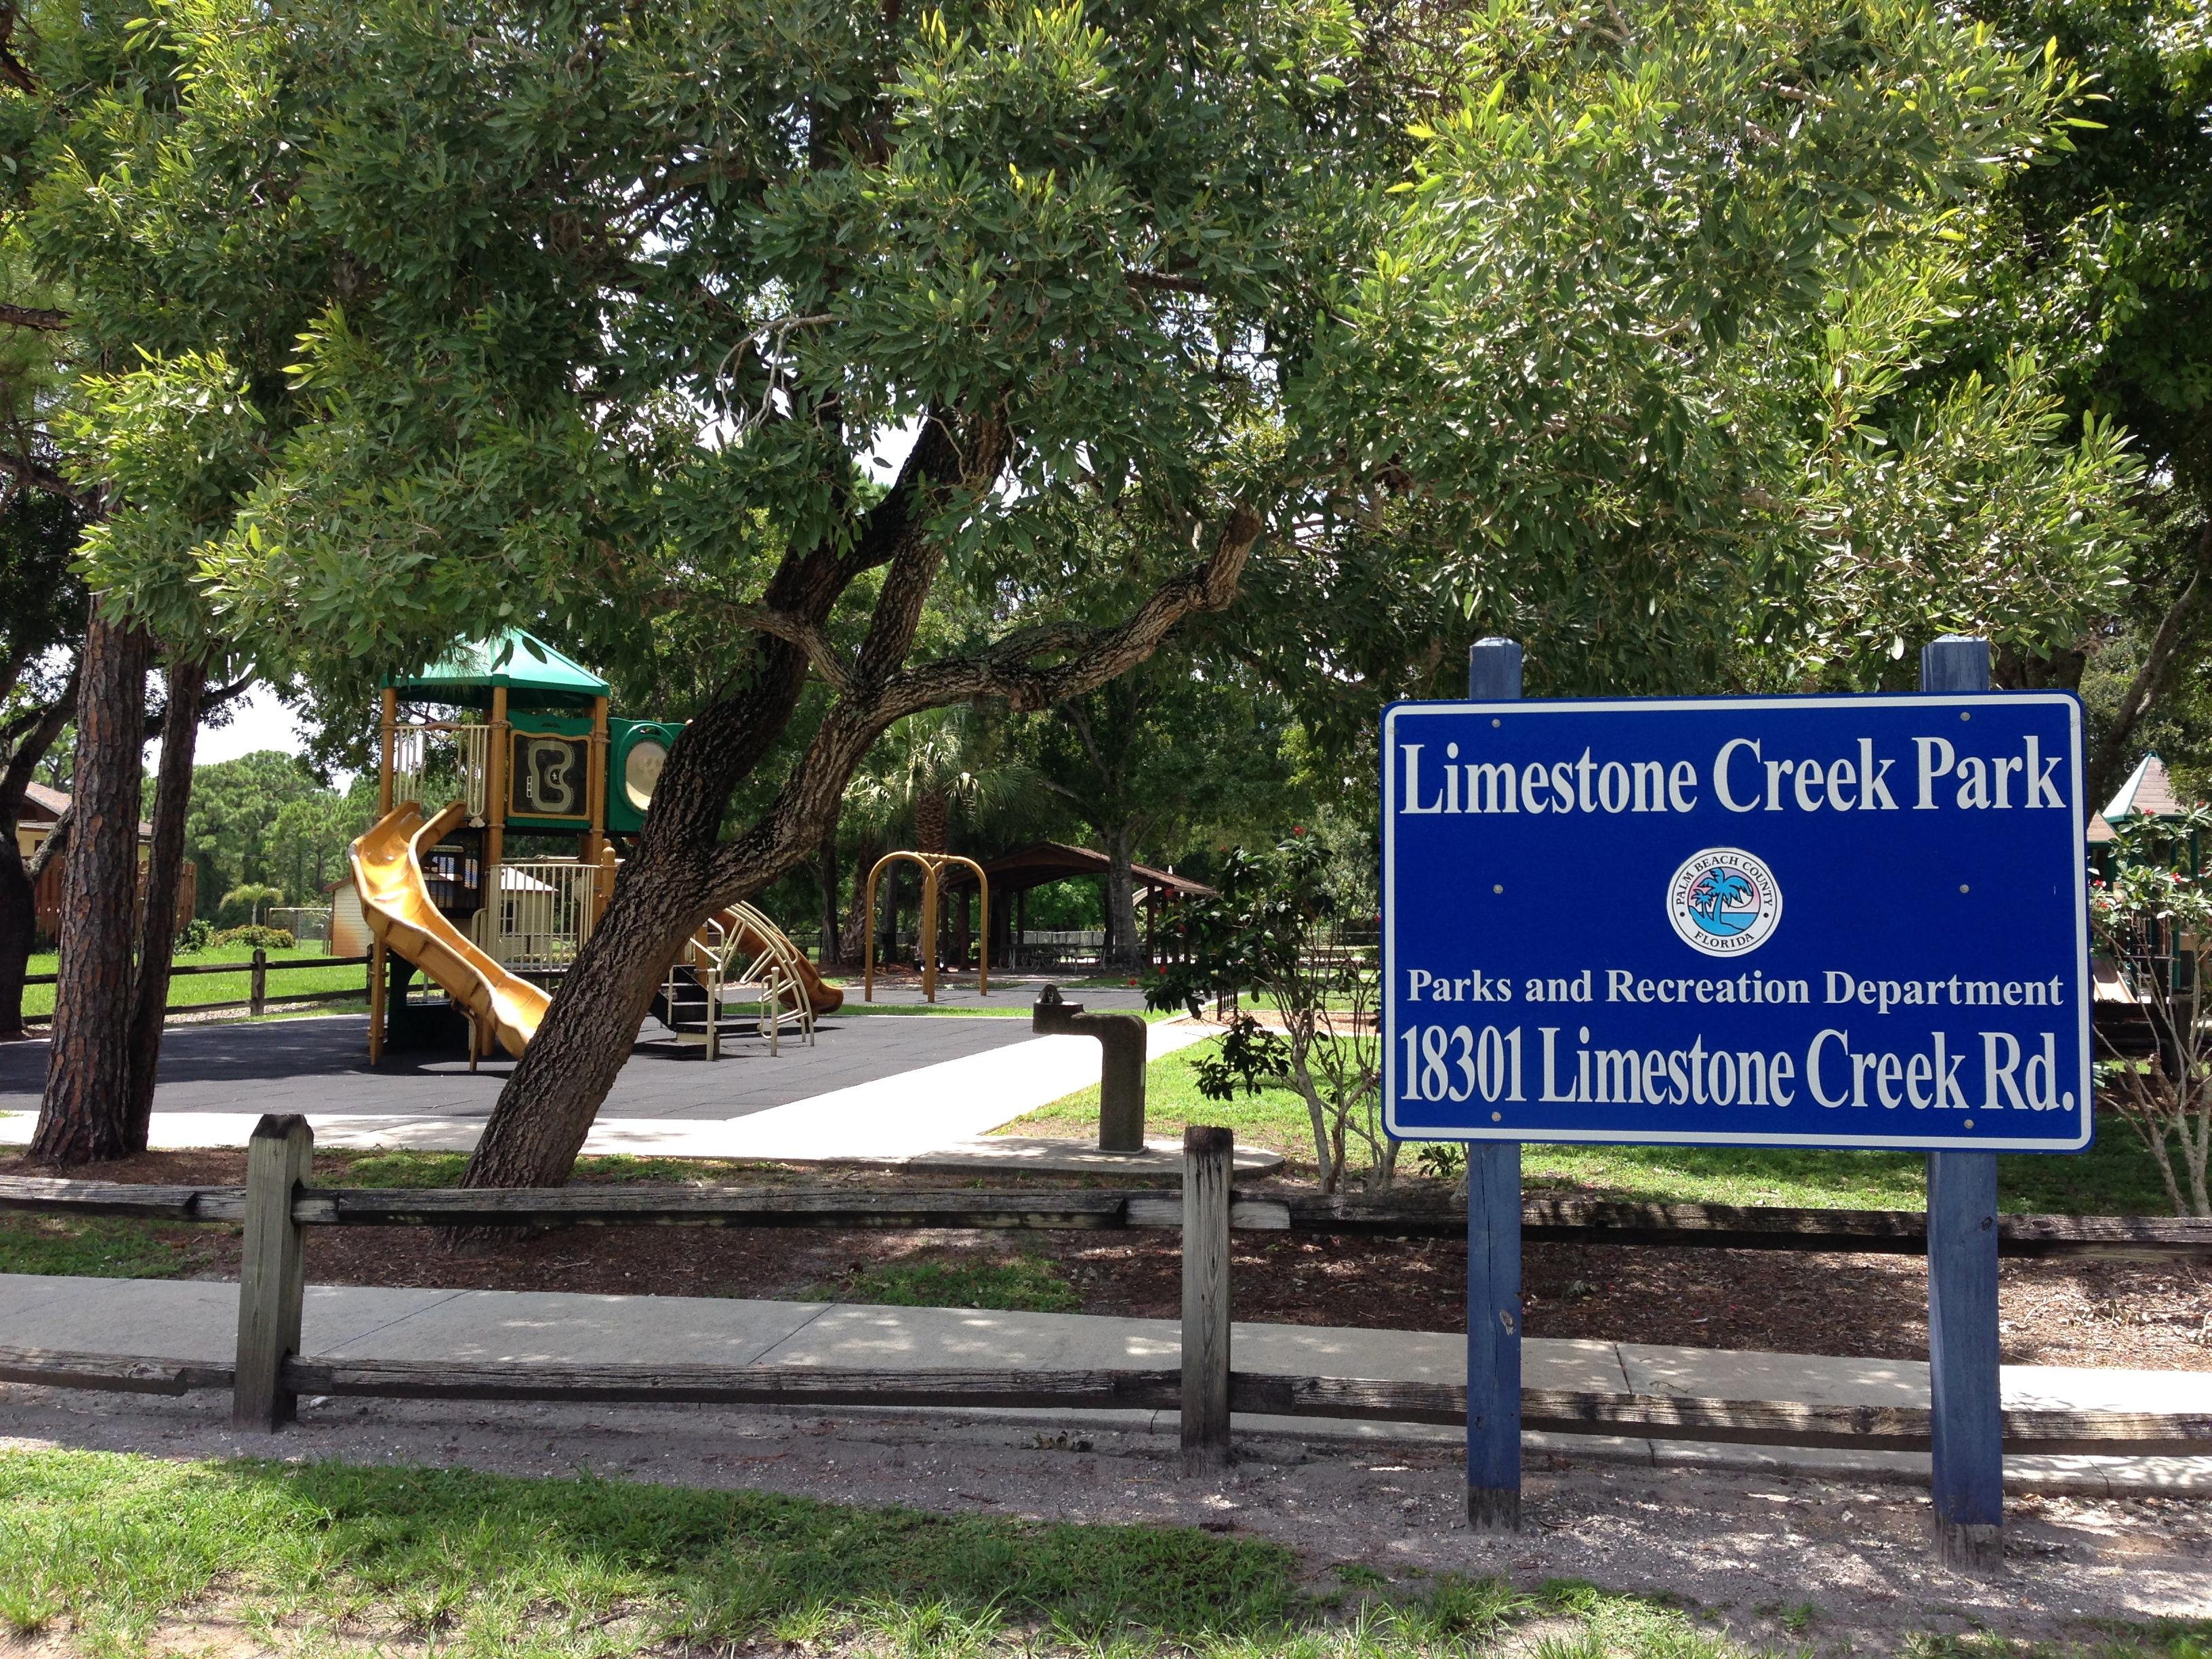 Limestone_Creek_Park_1.JPG